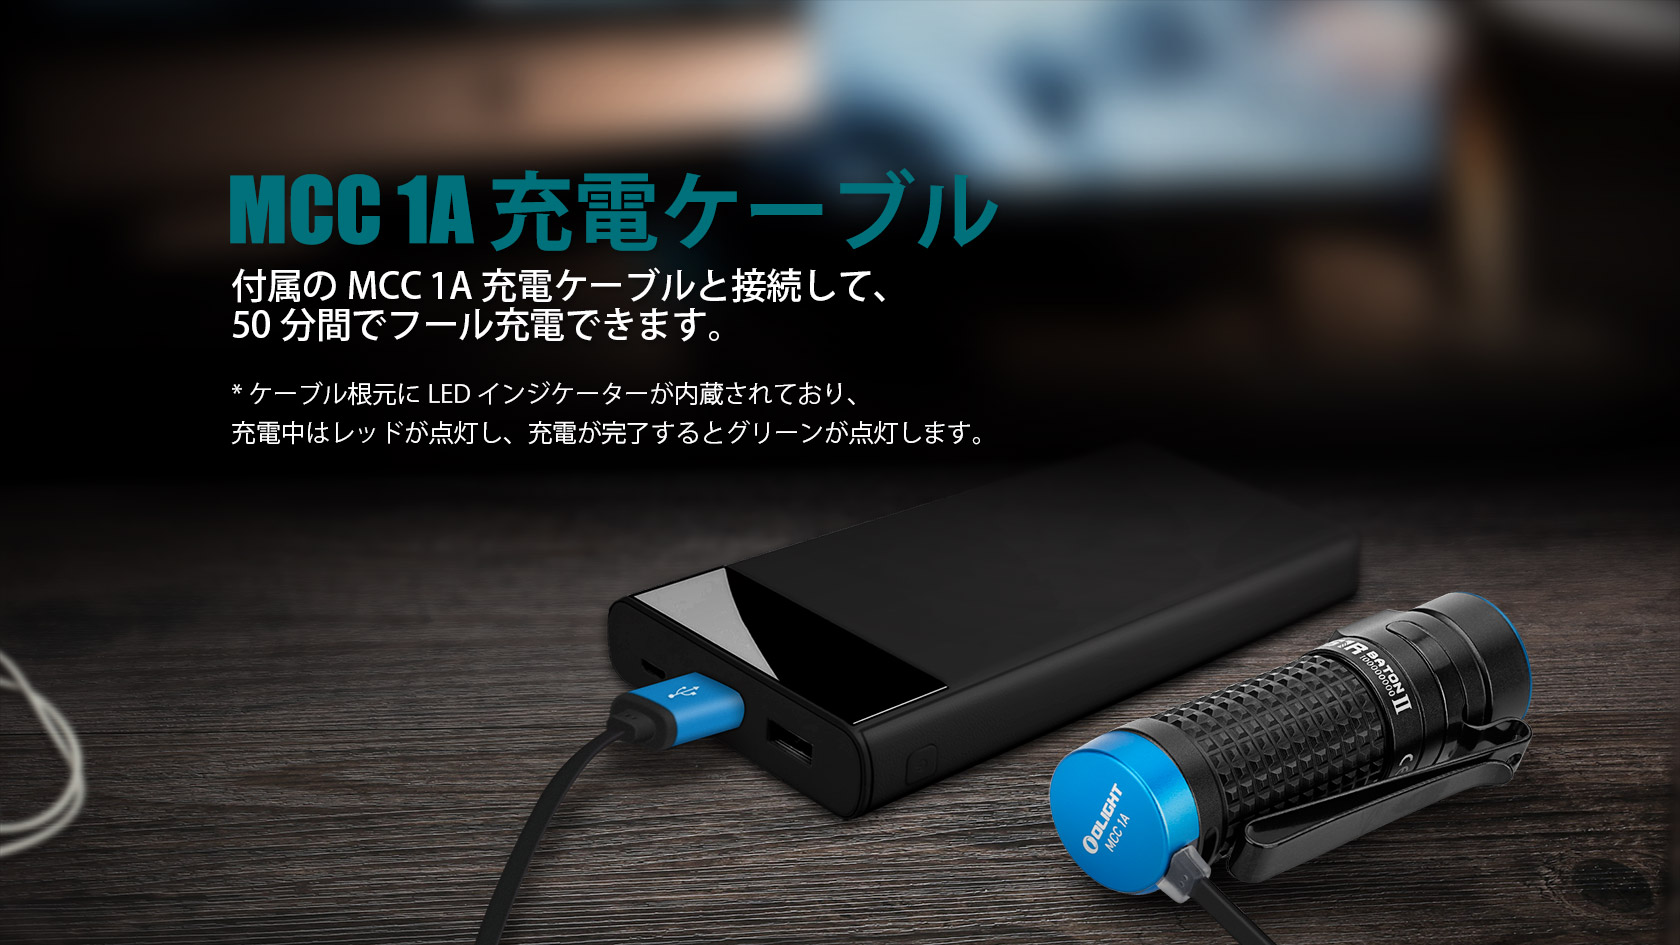 S1R BATON IIは充電が簡単で、磁気充電をサポートします